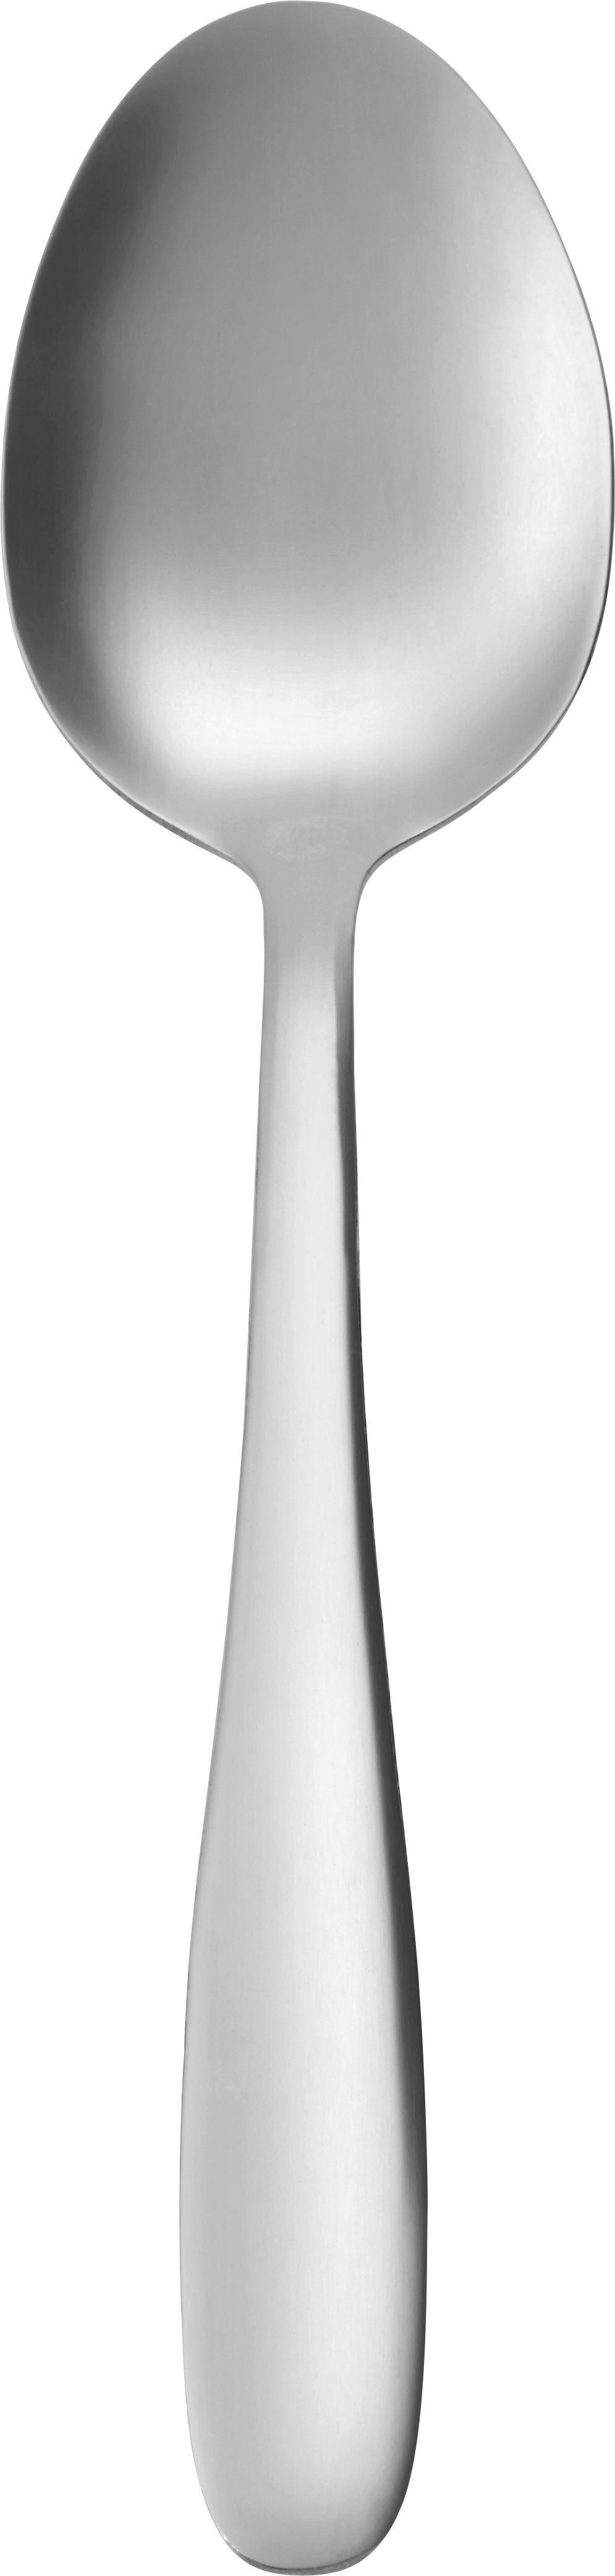 Kanál Demi - nemesacél színű, konvencionális, fém (19,5cm) - MÖMAX modern living